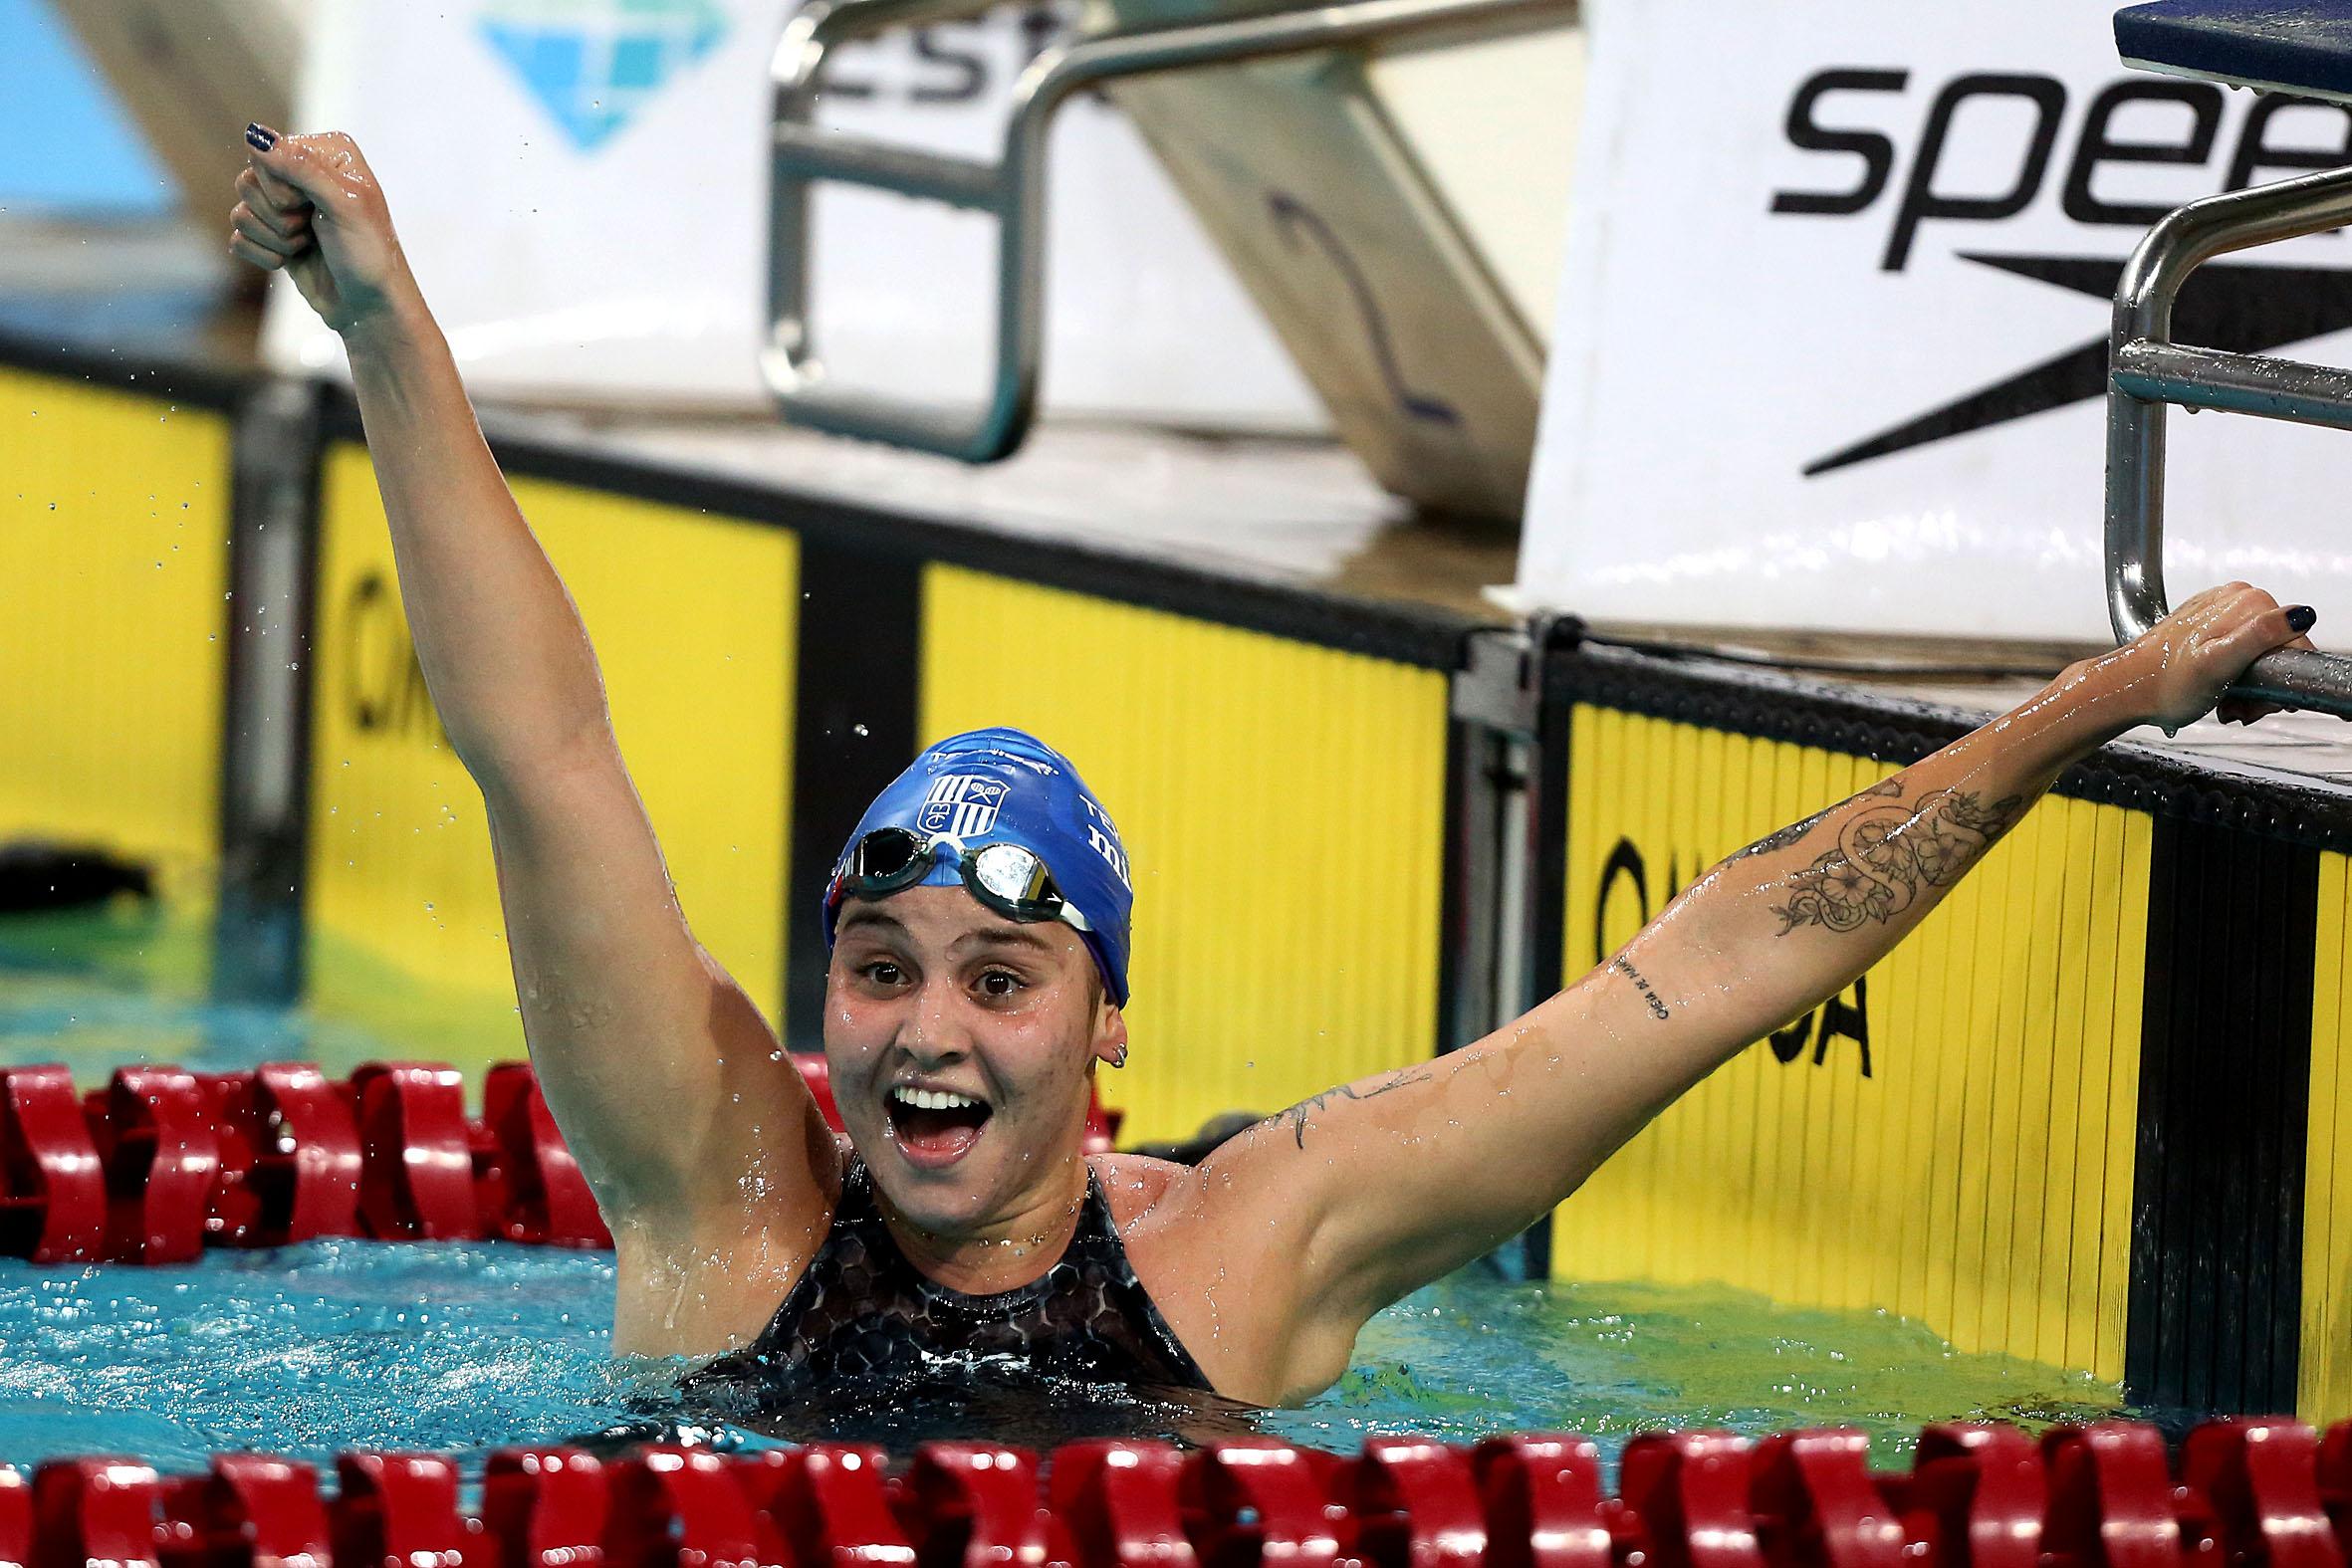 Beatriz Dizotti garantiu o primeiro índice feminino da natação para os Jogos de Tóquio / Fotos: Ricardo Sodré/MTC